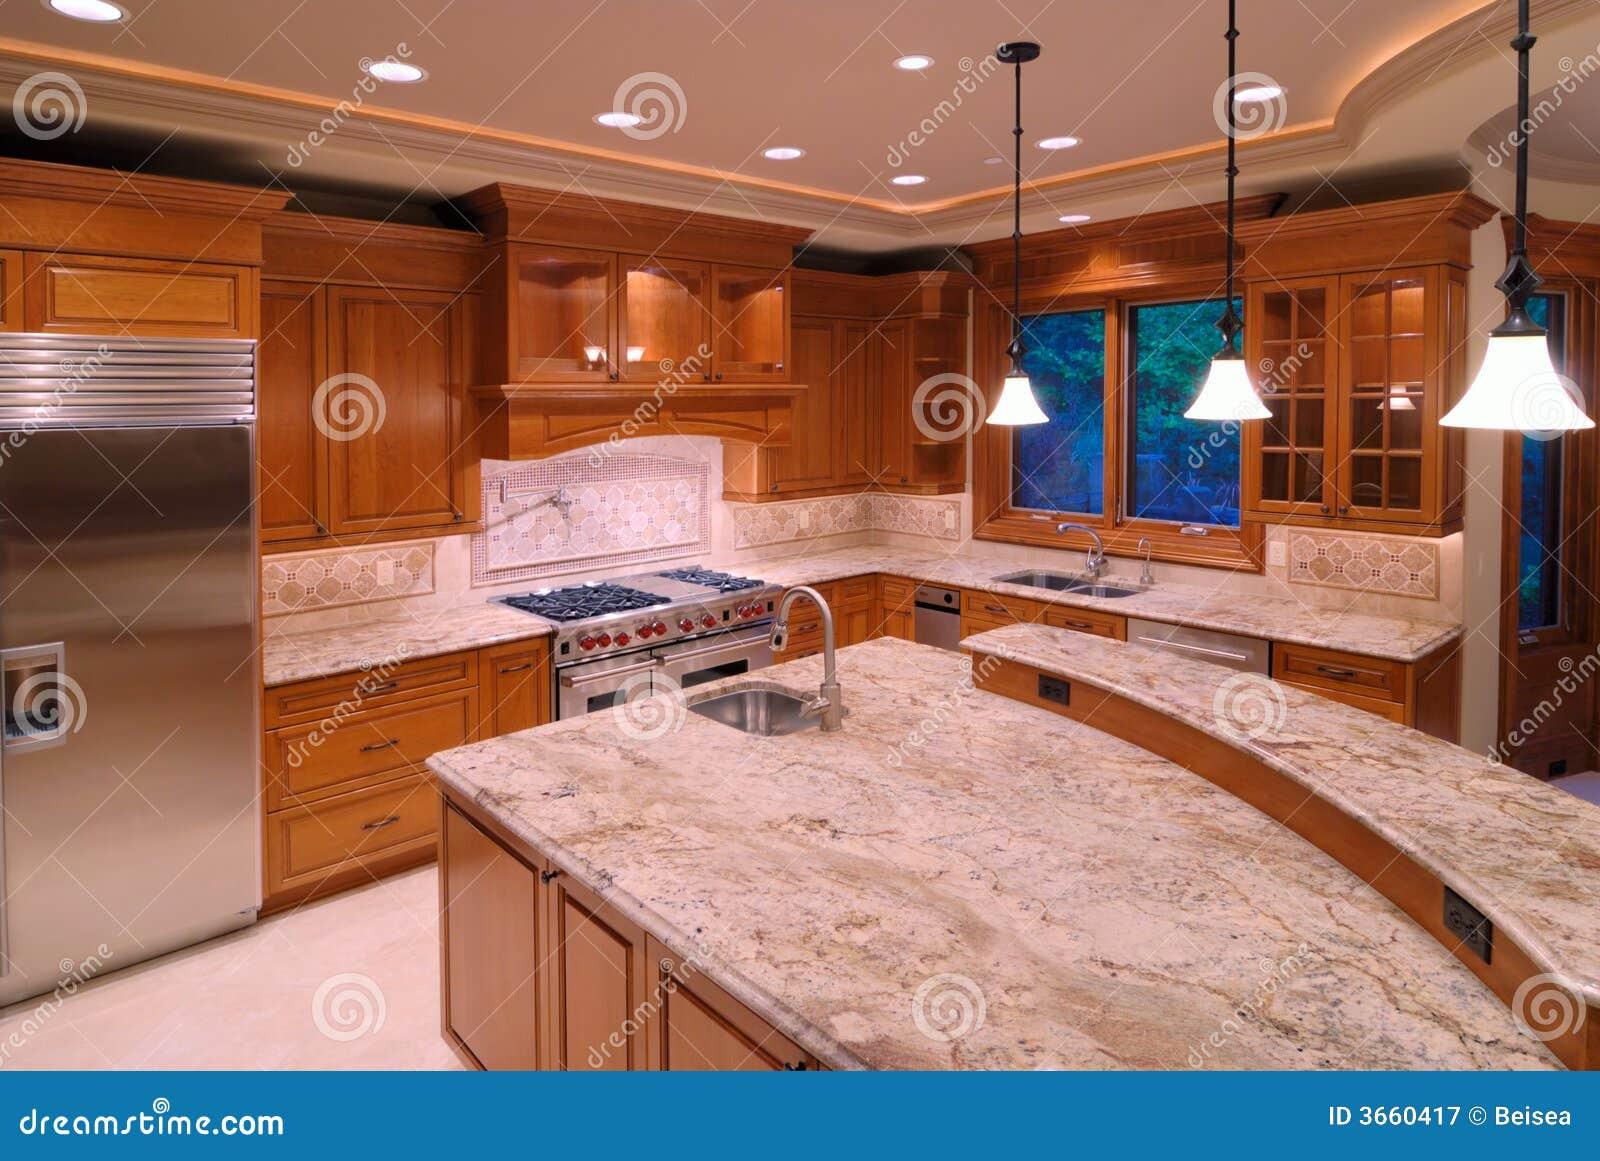 Amerikaanse keukens stock afbeelding. afbeelding bestaande uit